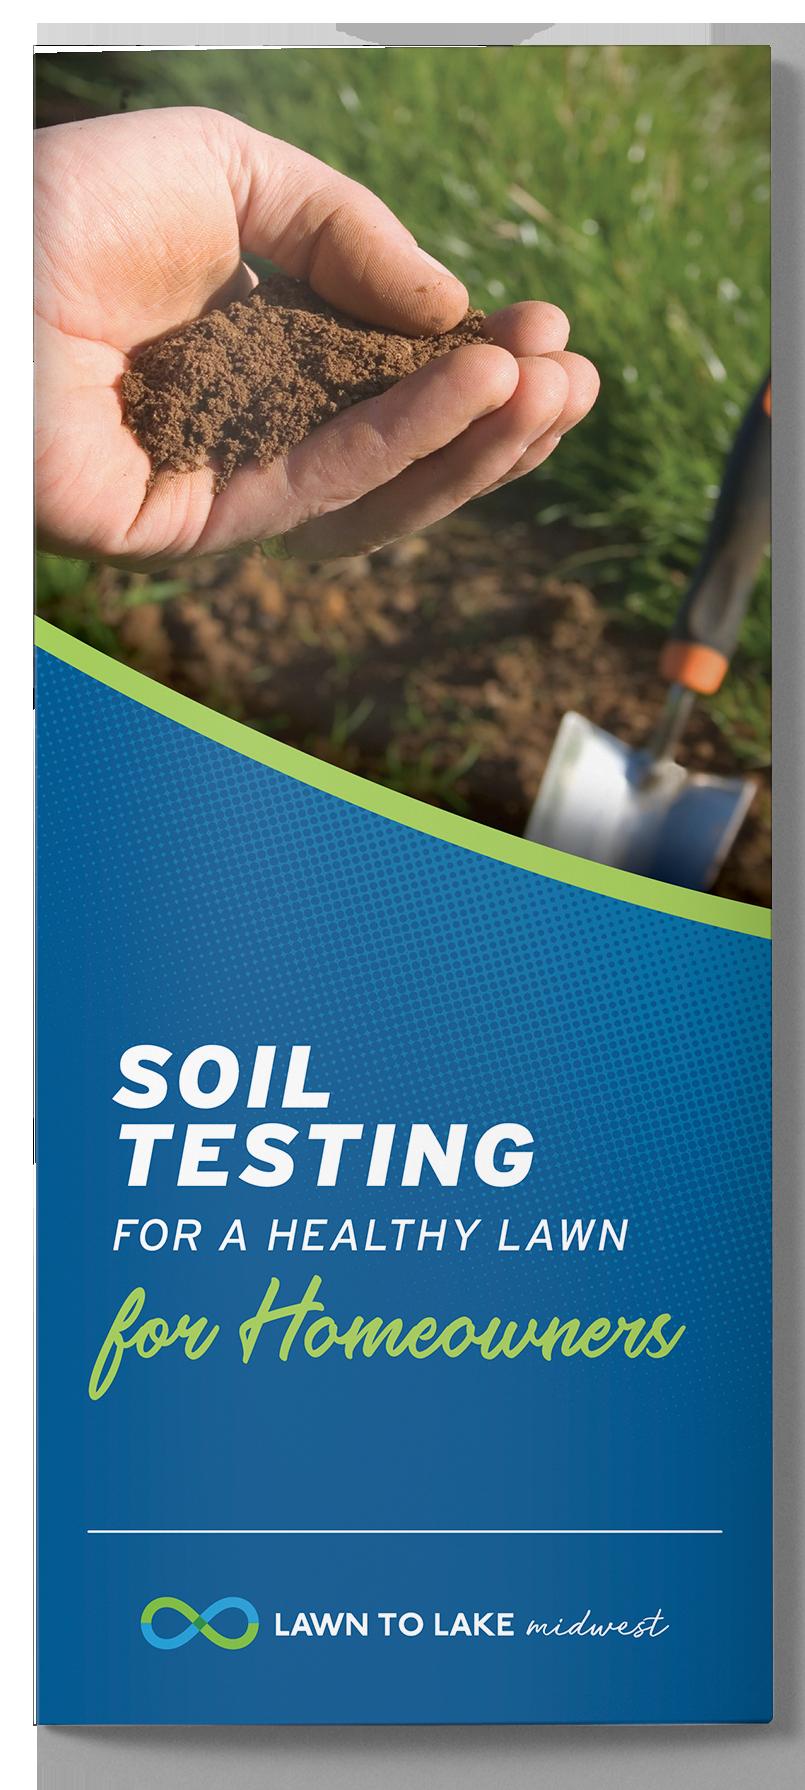 Soil Testing for a Healthy Lawn Thumbnail